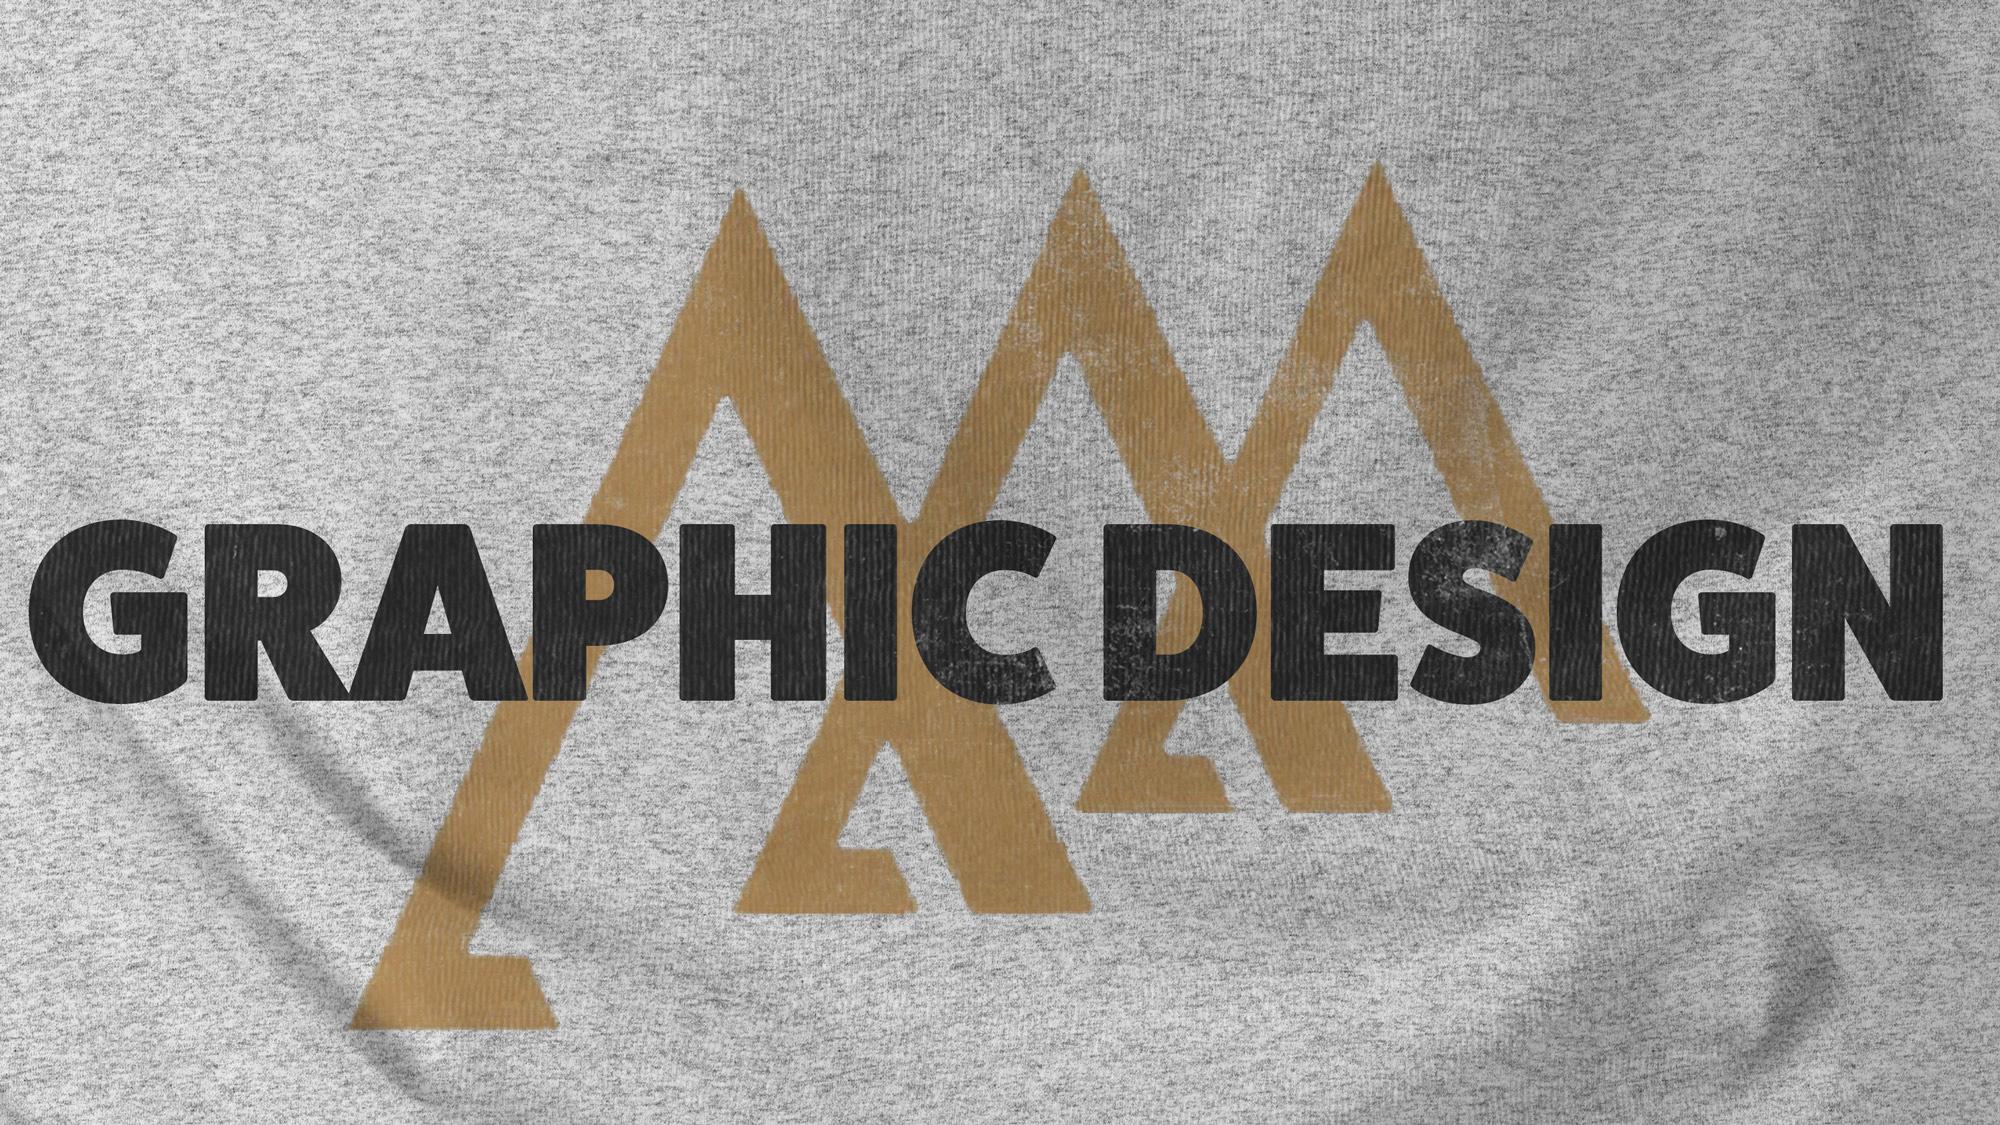 HEADER_GRAPHIC-DESIGN2.jpg